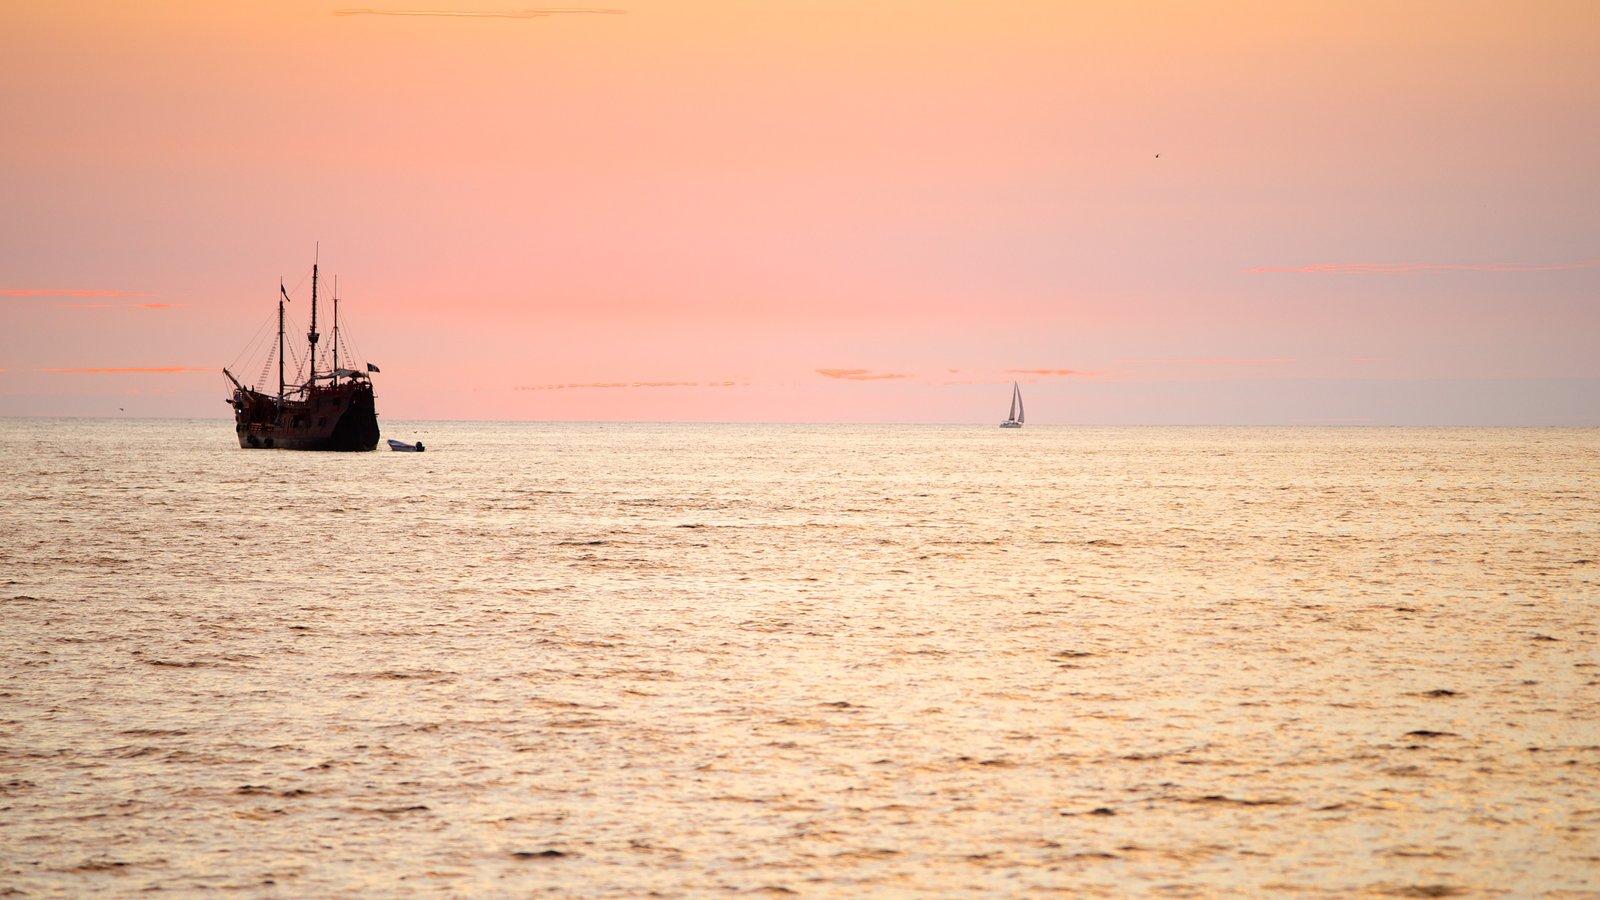 Bahía de Banderas mostrando una puesta de sol, navegación y vistas de paisajes